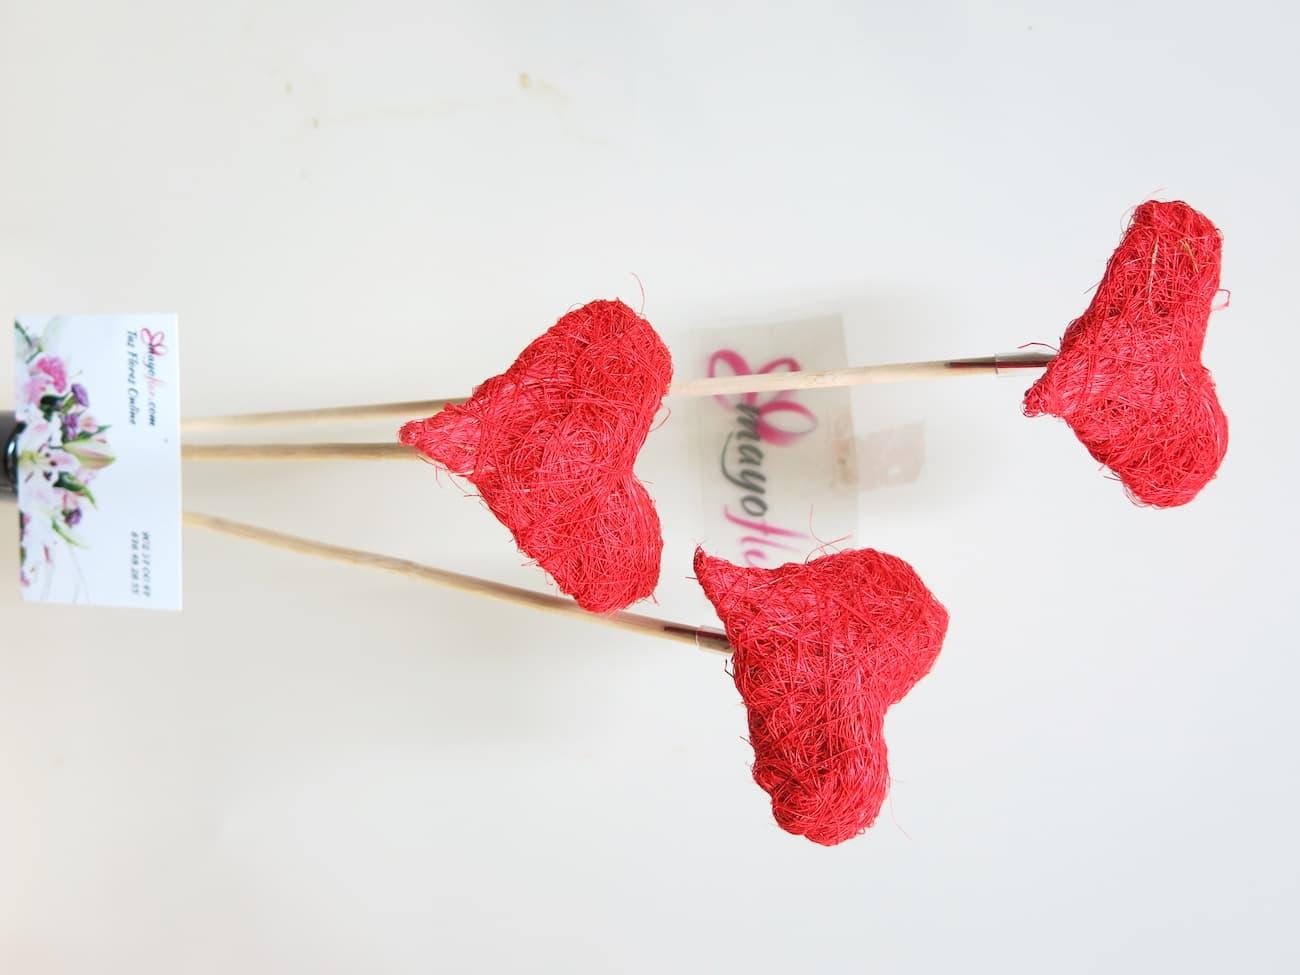 Corazón como complemento de tu regalo - Foto 3